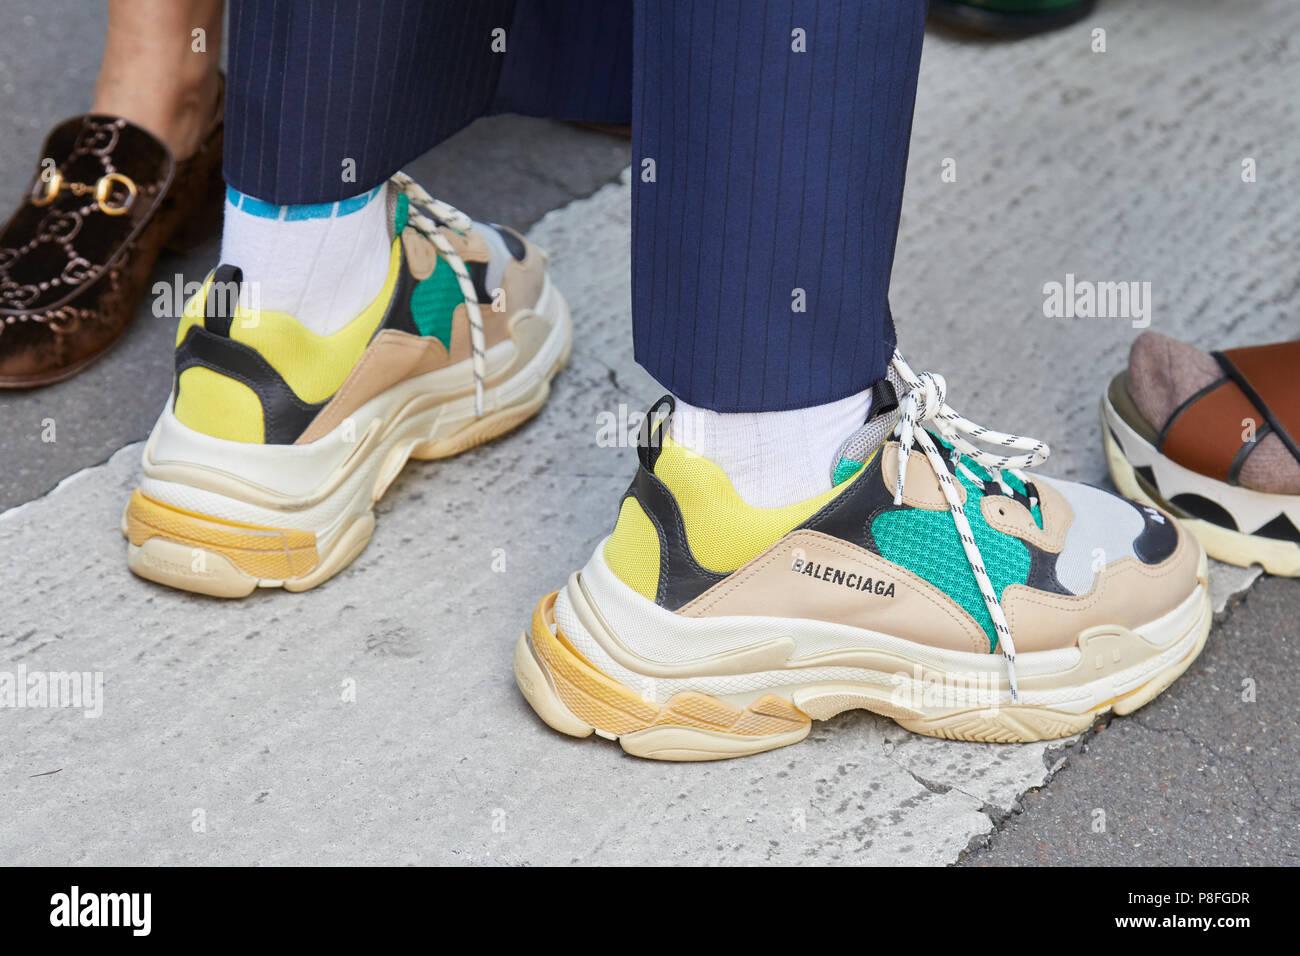 Juni: Mann Mit Balenciaga Schuhe In Beige, Gelb Und Grün Vor Marni Fashion  Show, Mailand Fashion Week Street Style Am 16. Juni, 20.